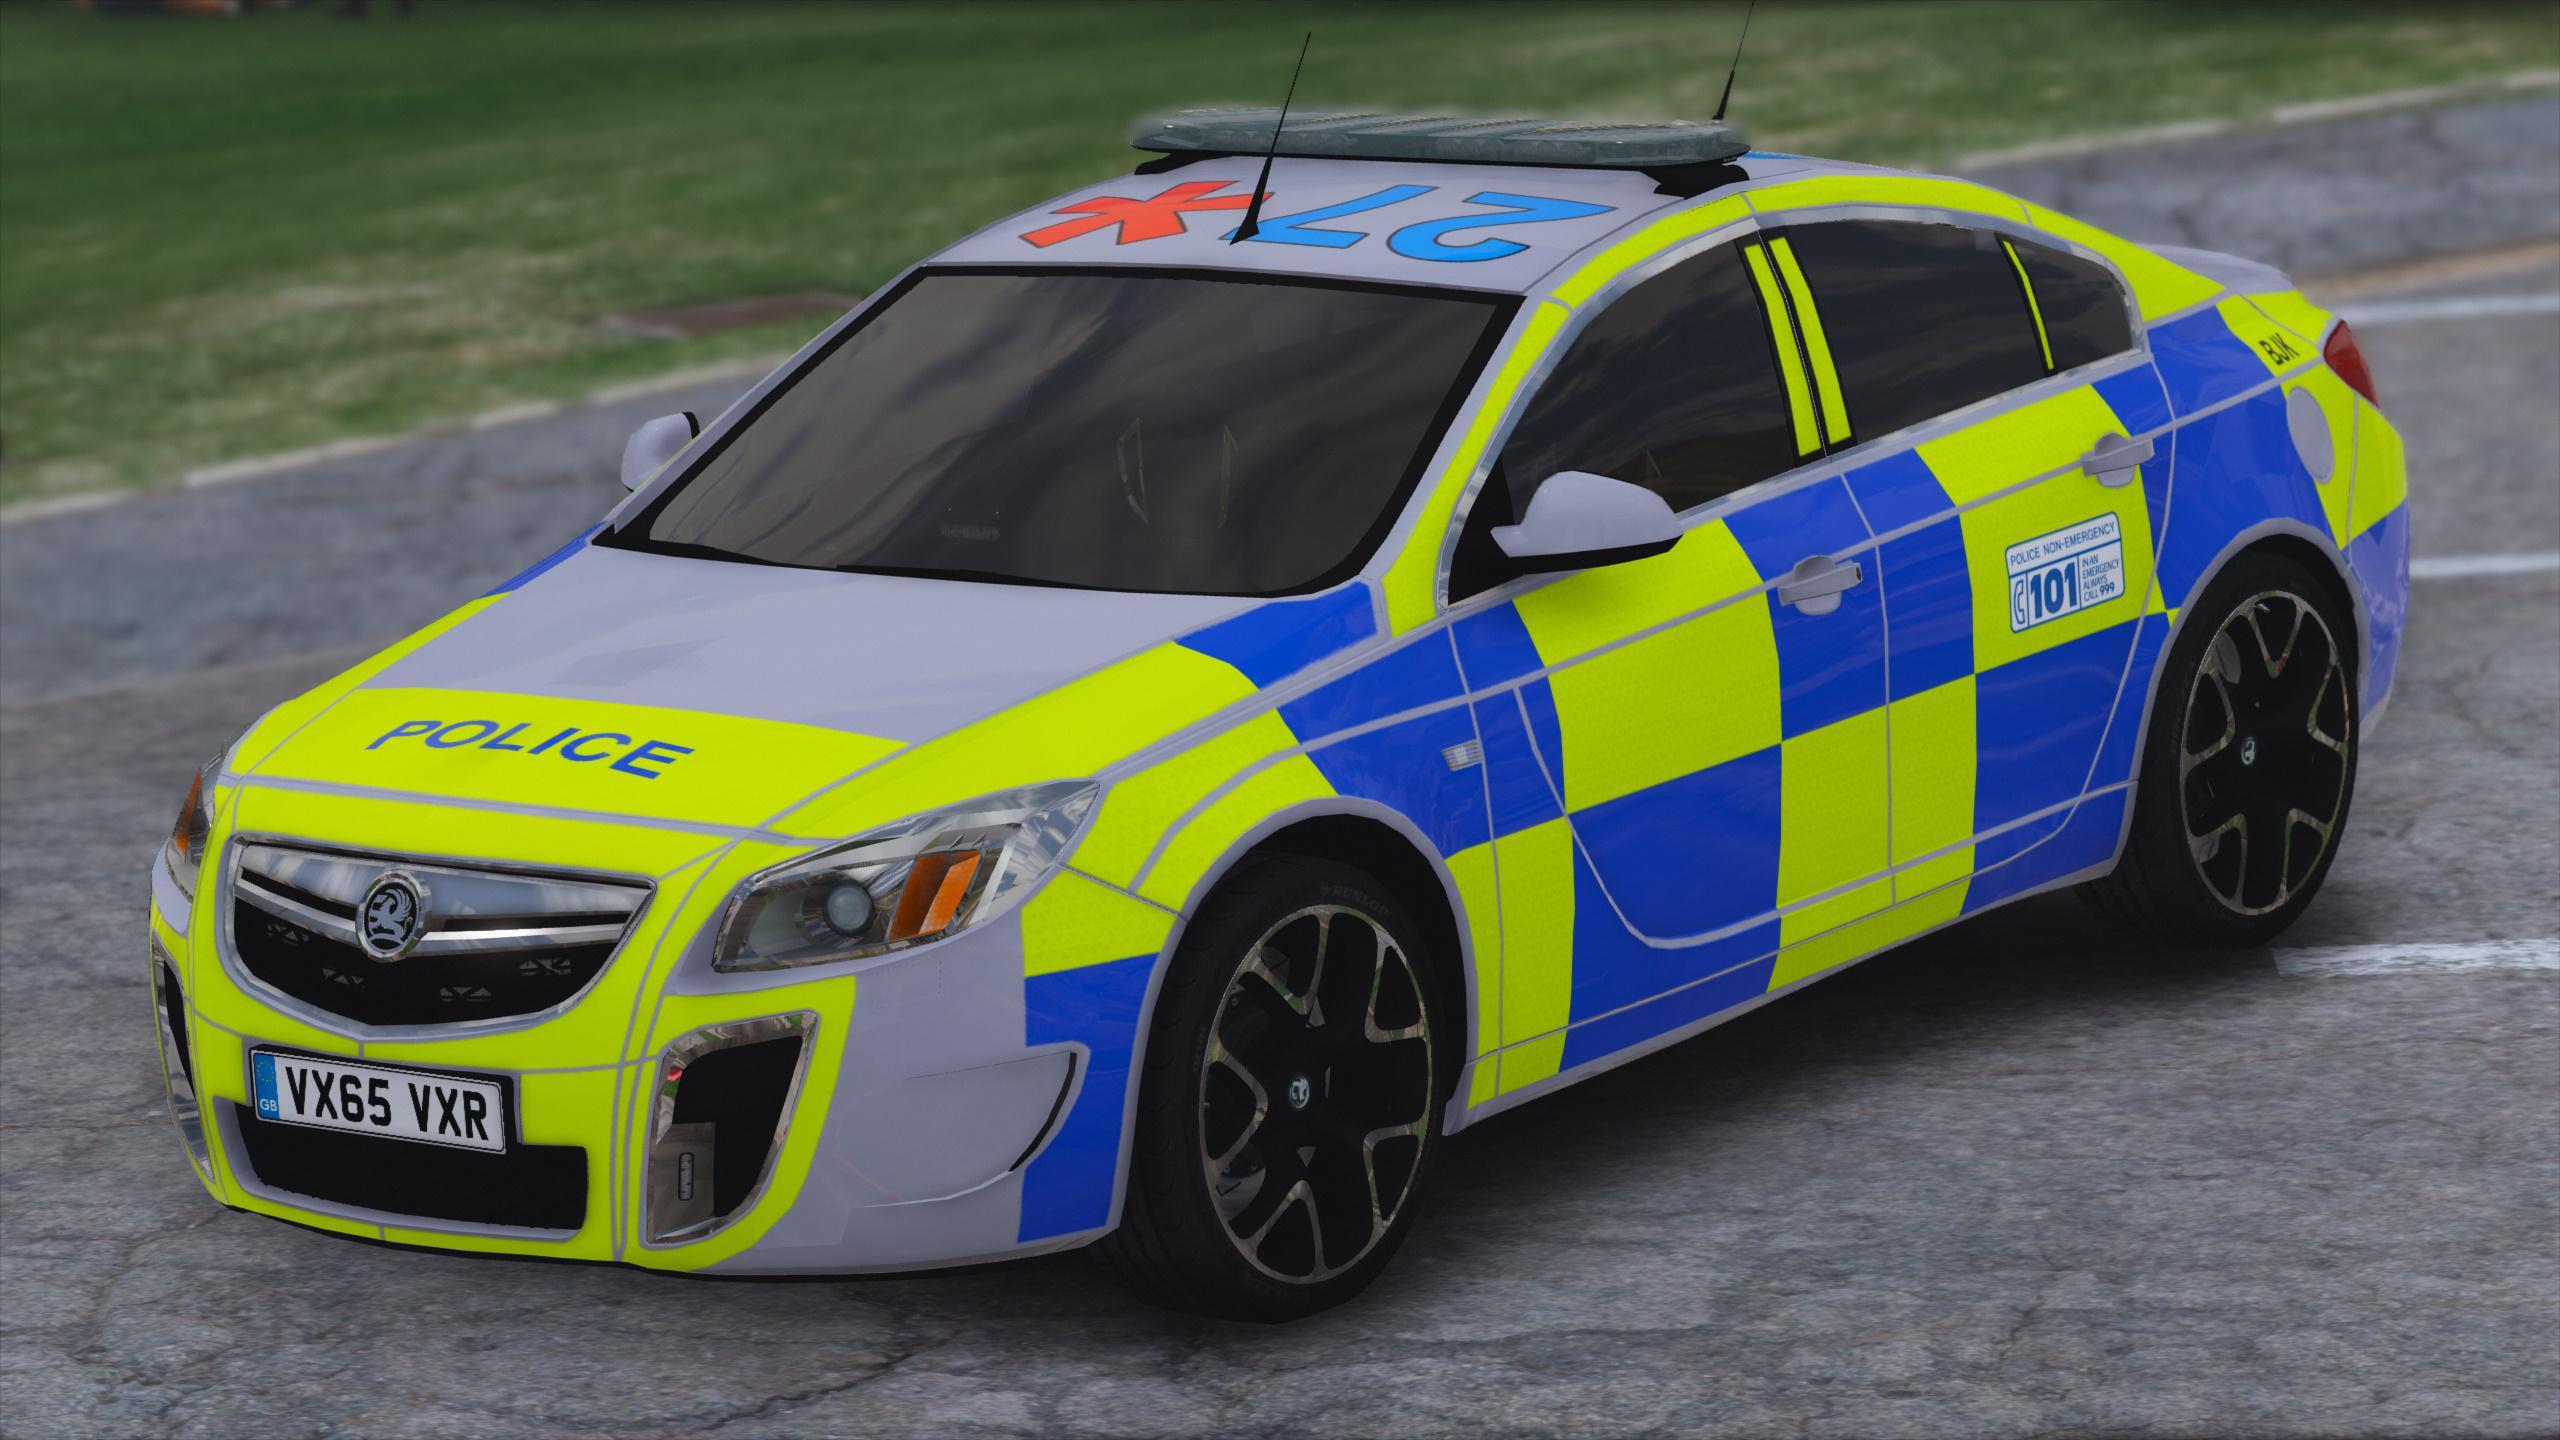 Insignia Vxr 2018 >> Police Vauxhall Insignia VXR - GTA5-Mods.com